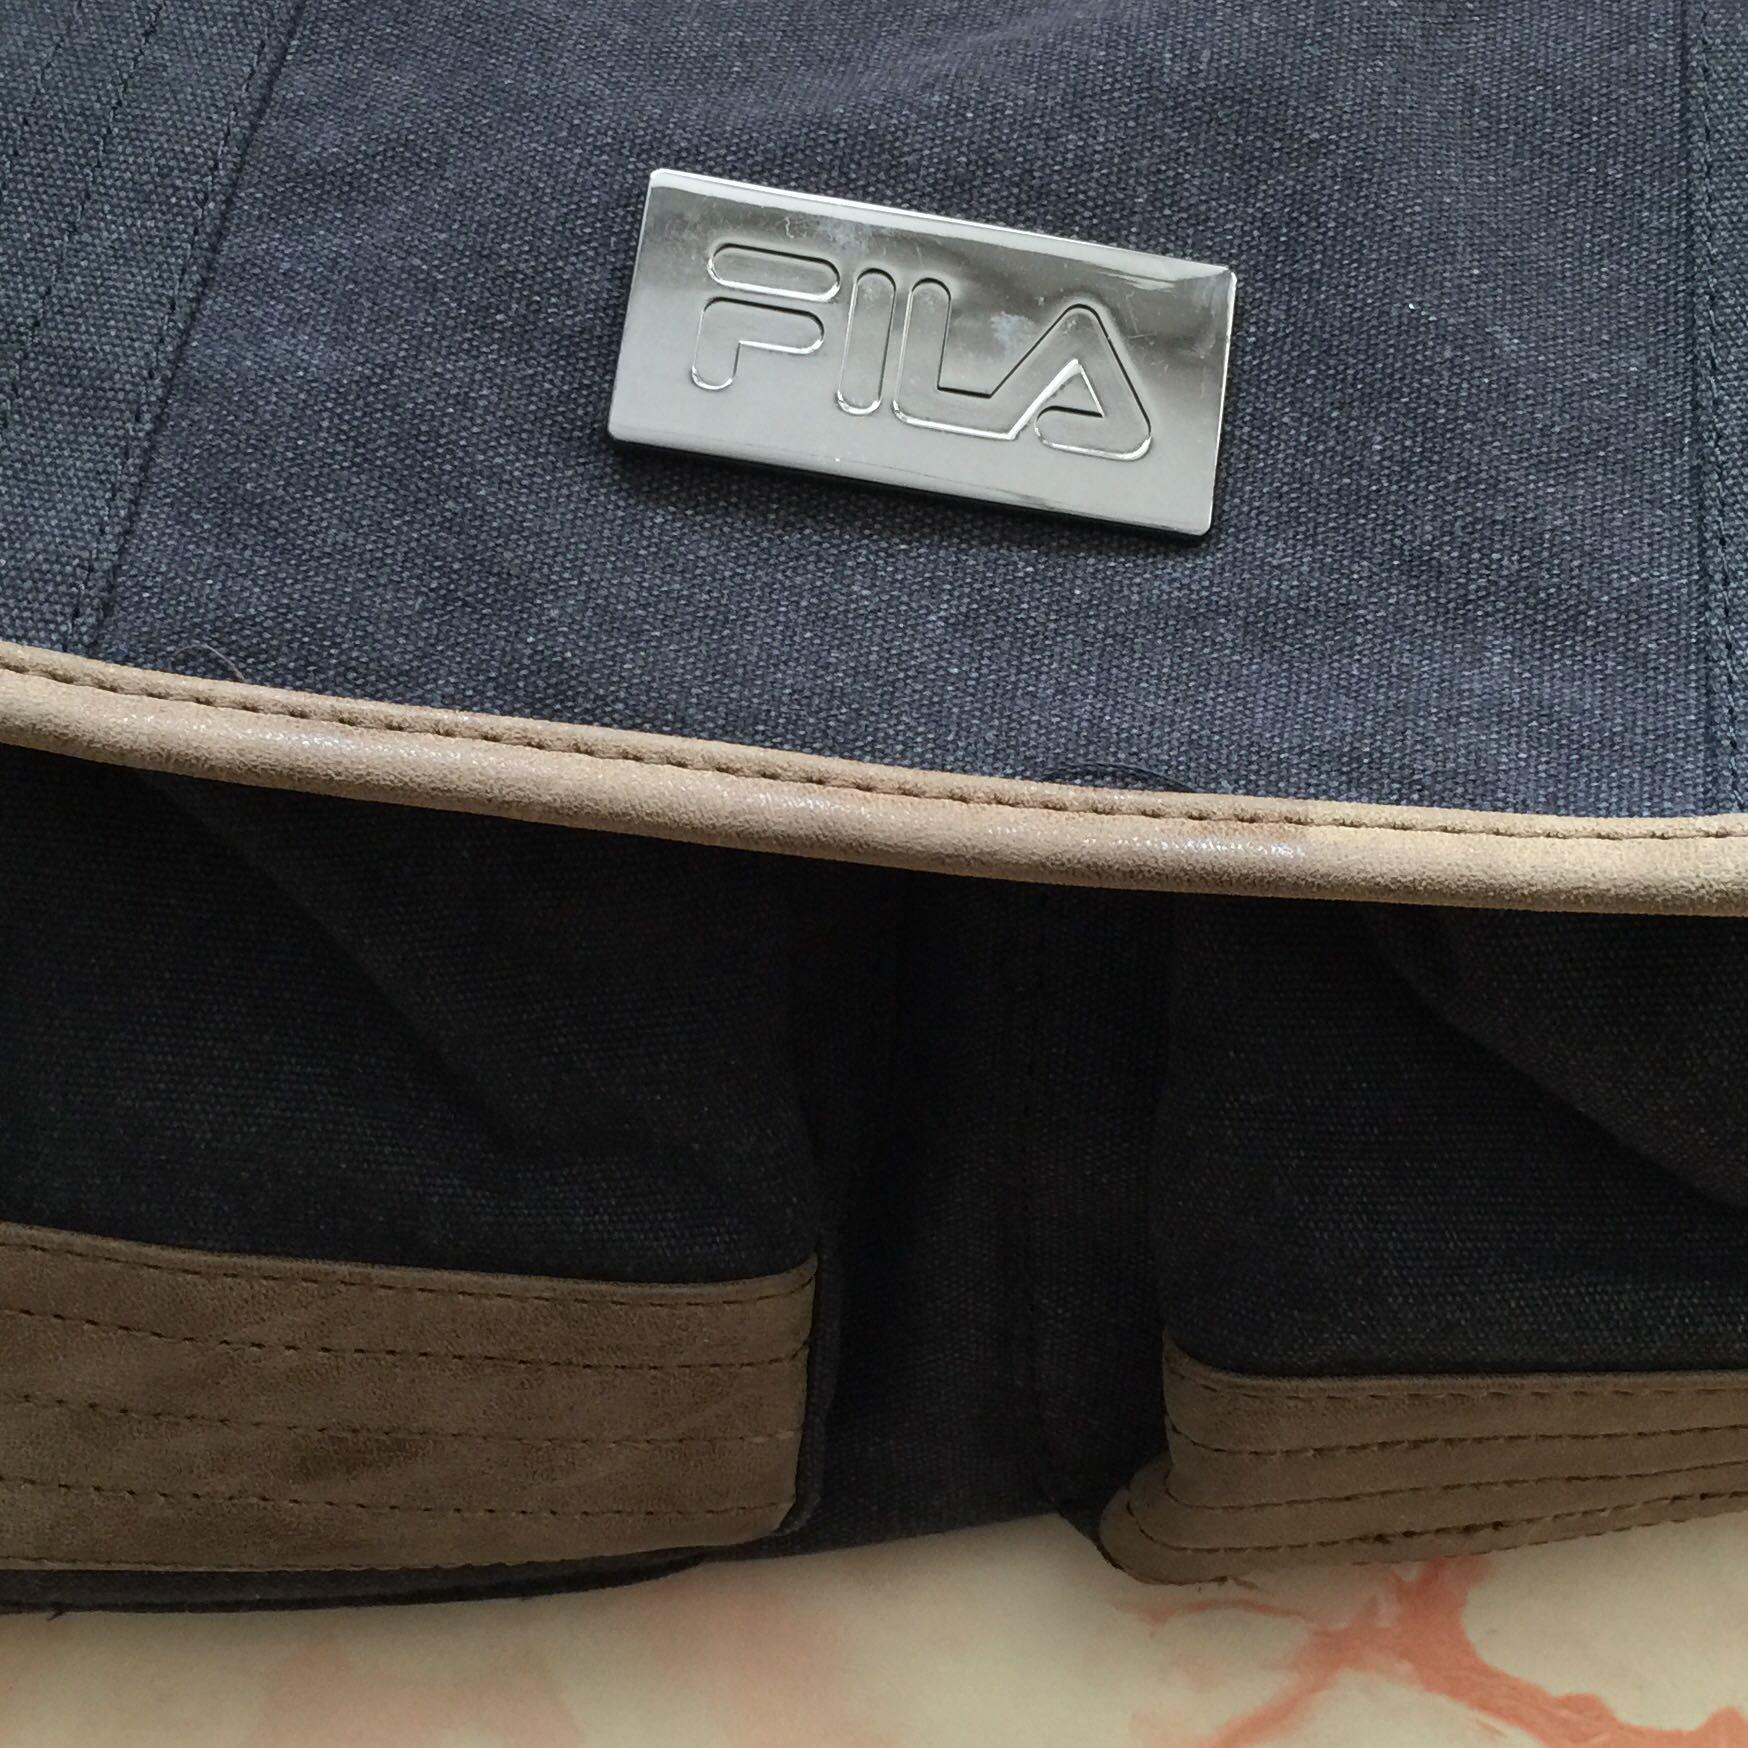 tasche in waschmaschine waschen jeans kunstleder. Black Bedroom Furniture Sets. Home Design Ideas